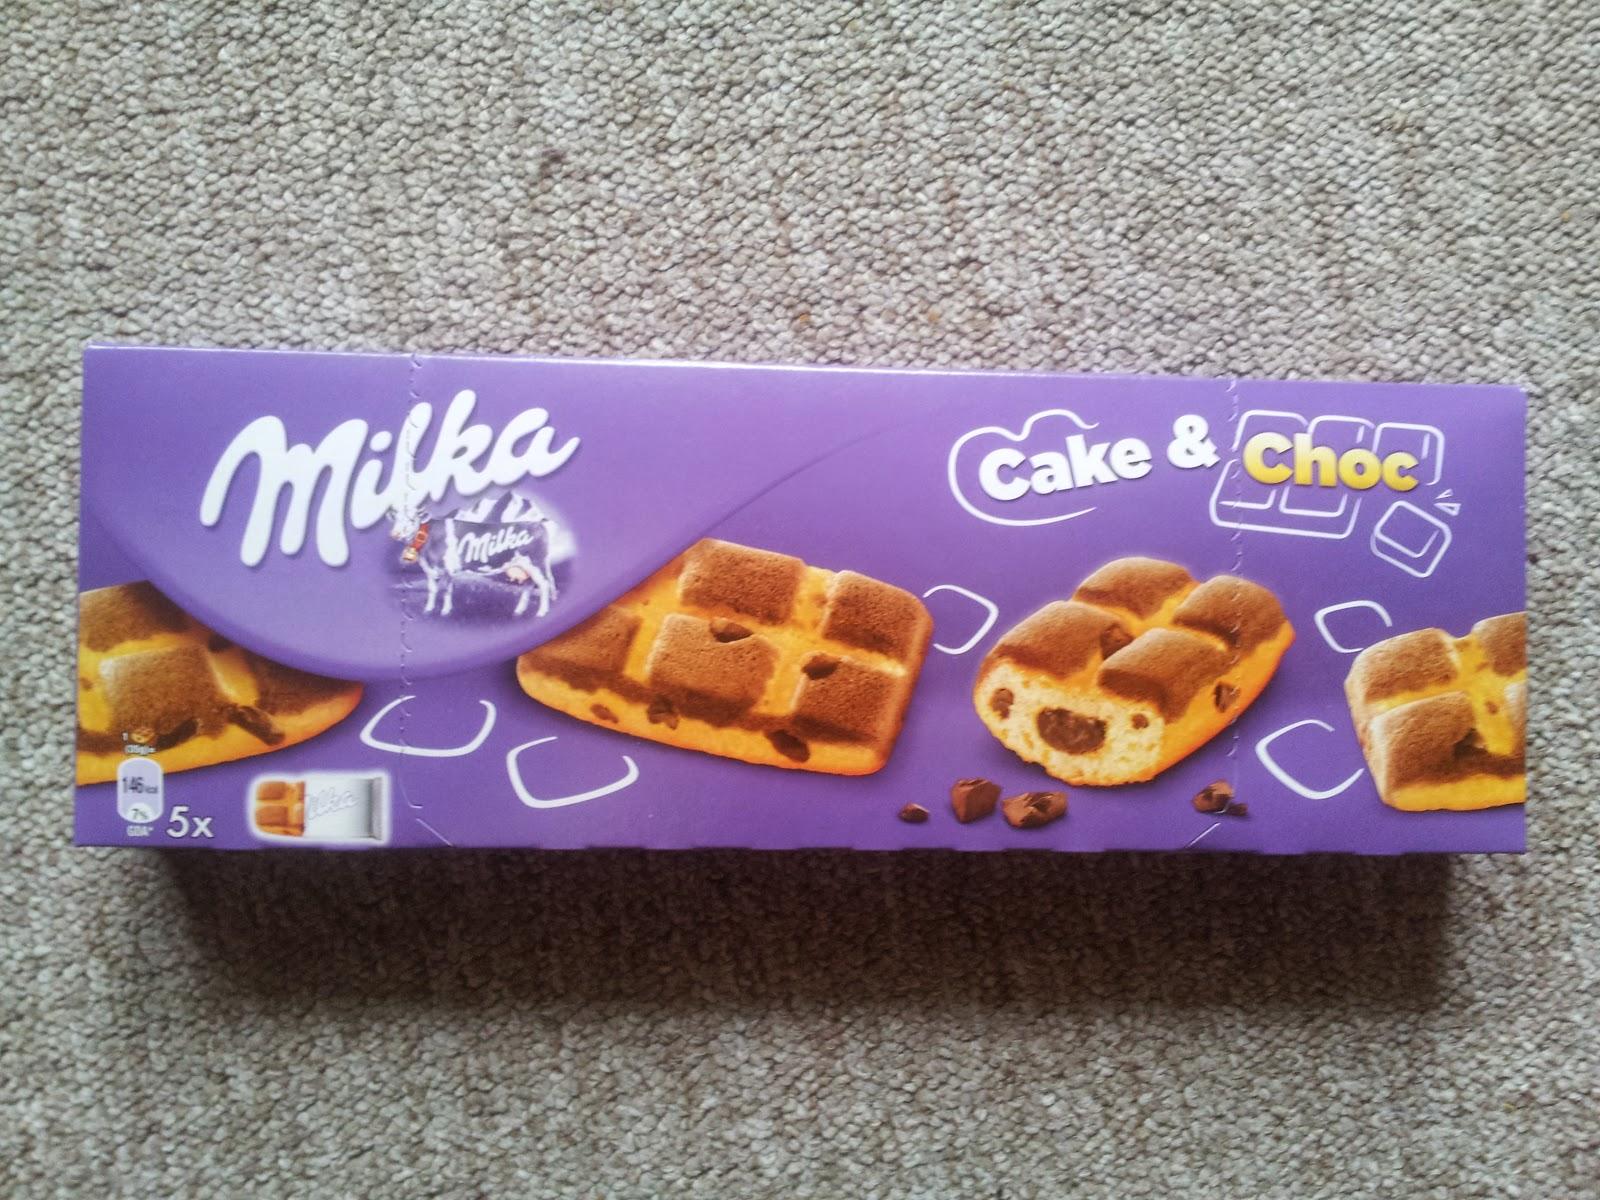 gefangen doch frei: Im Test: Milka Kekse & Kuchen